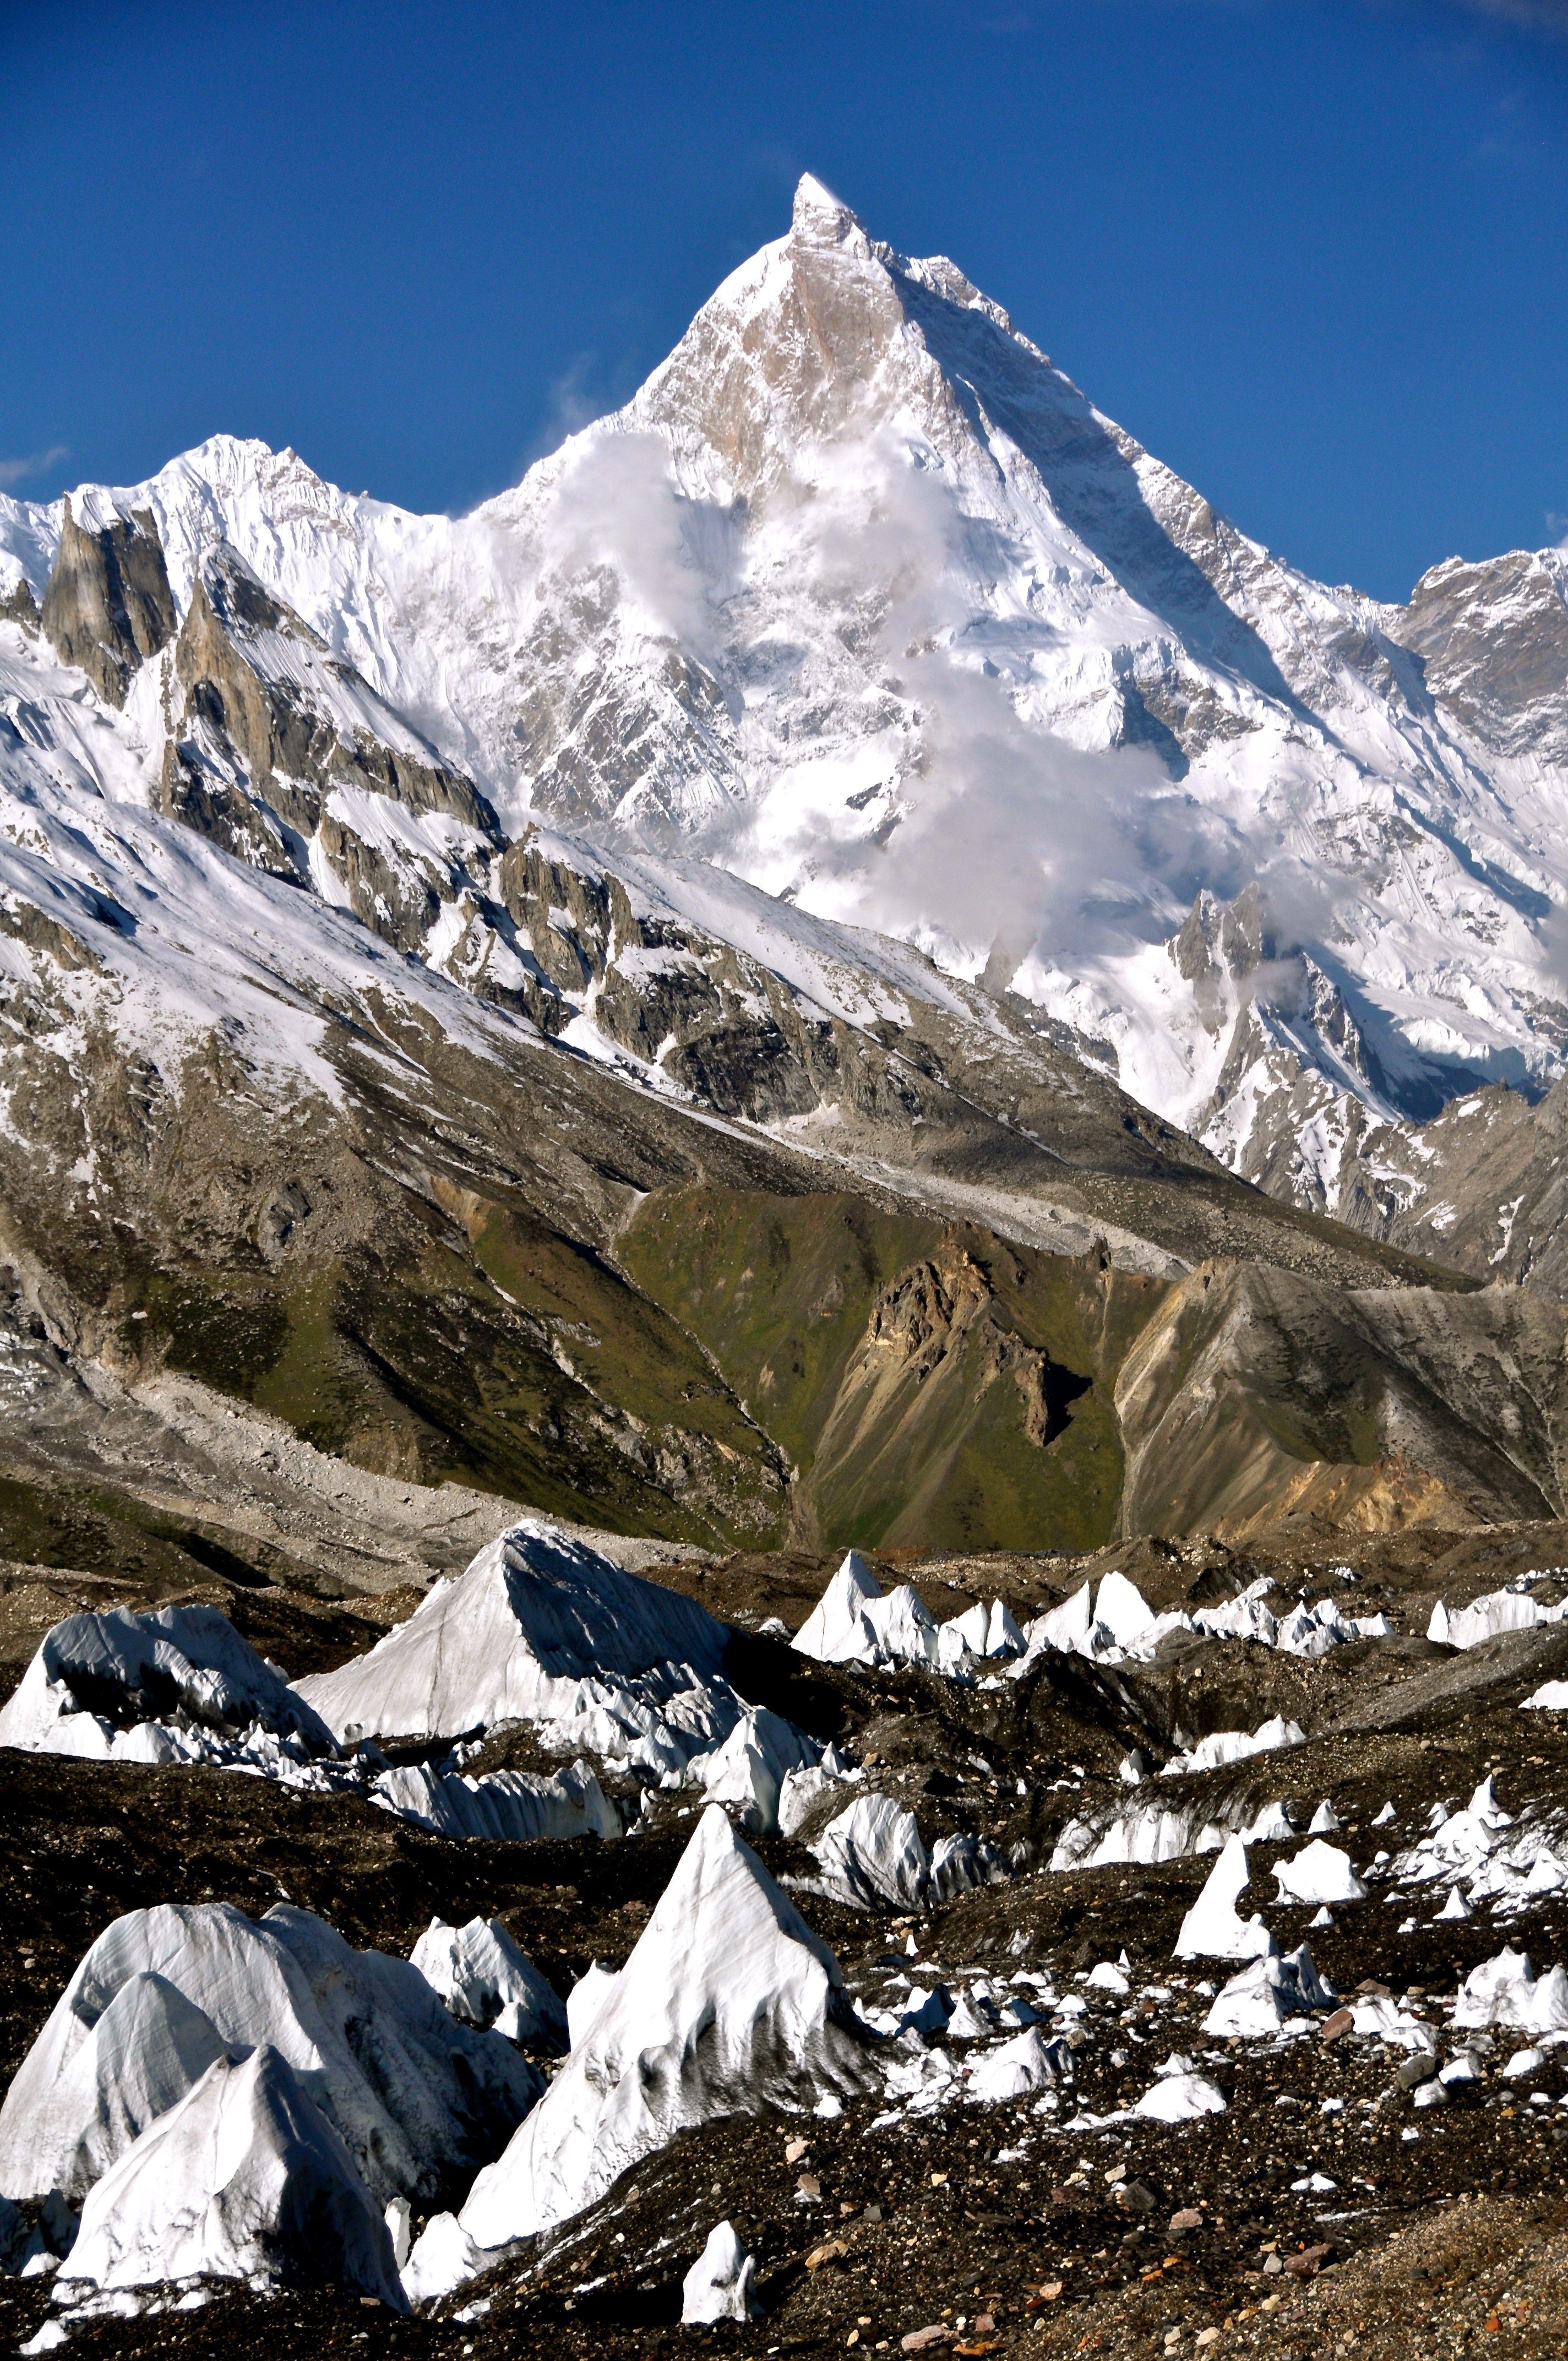 Gmail mountain theme background - Baltoro Glacier